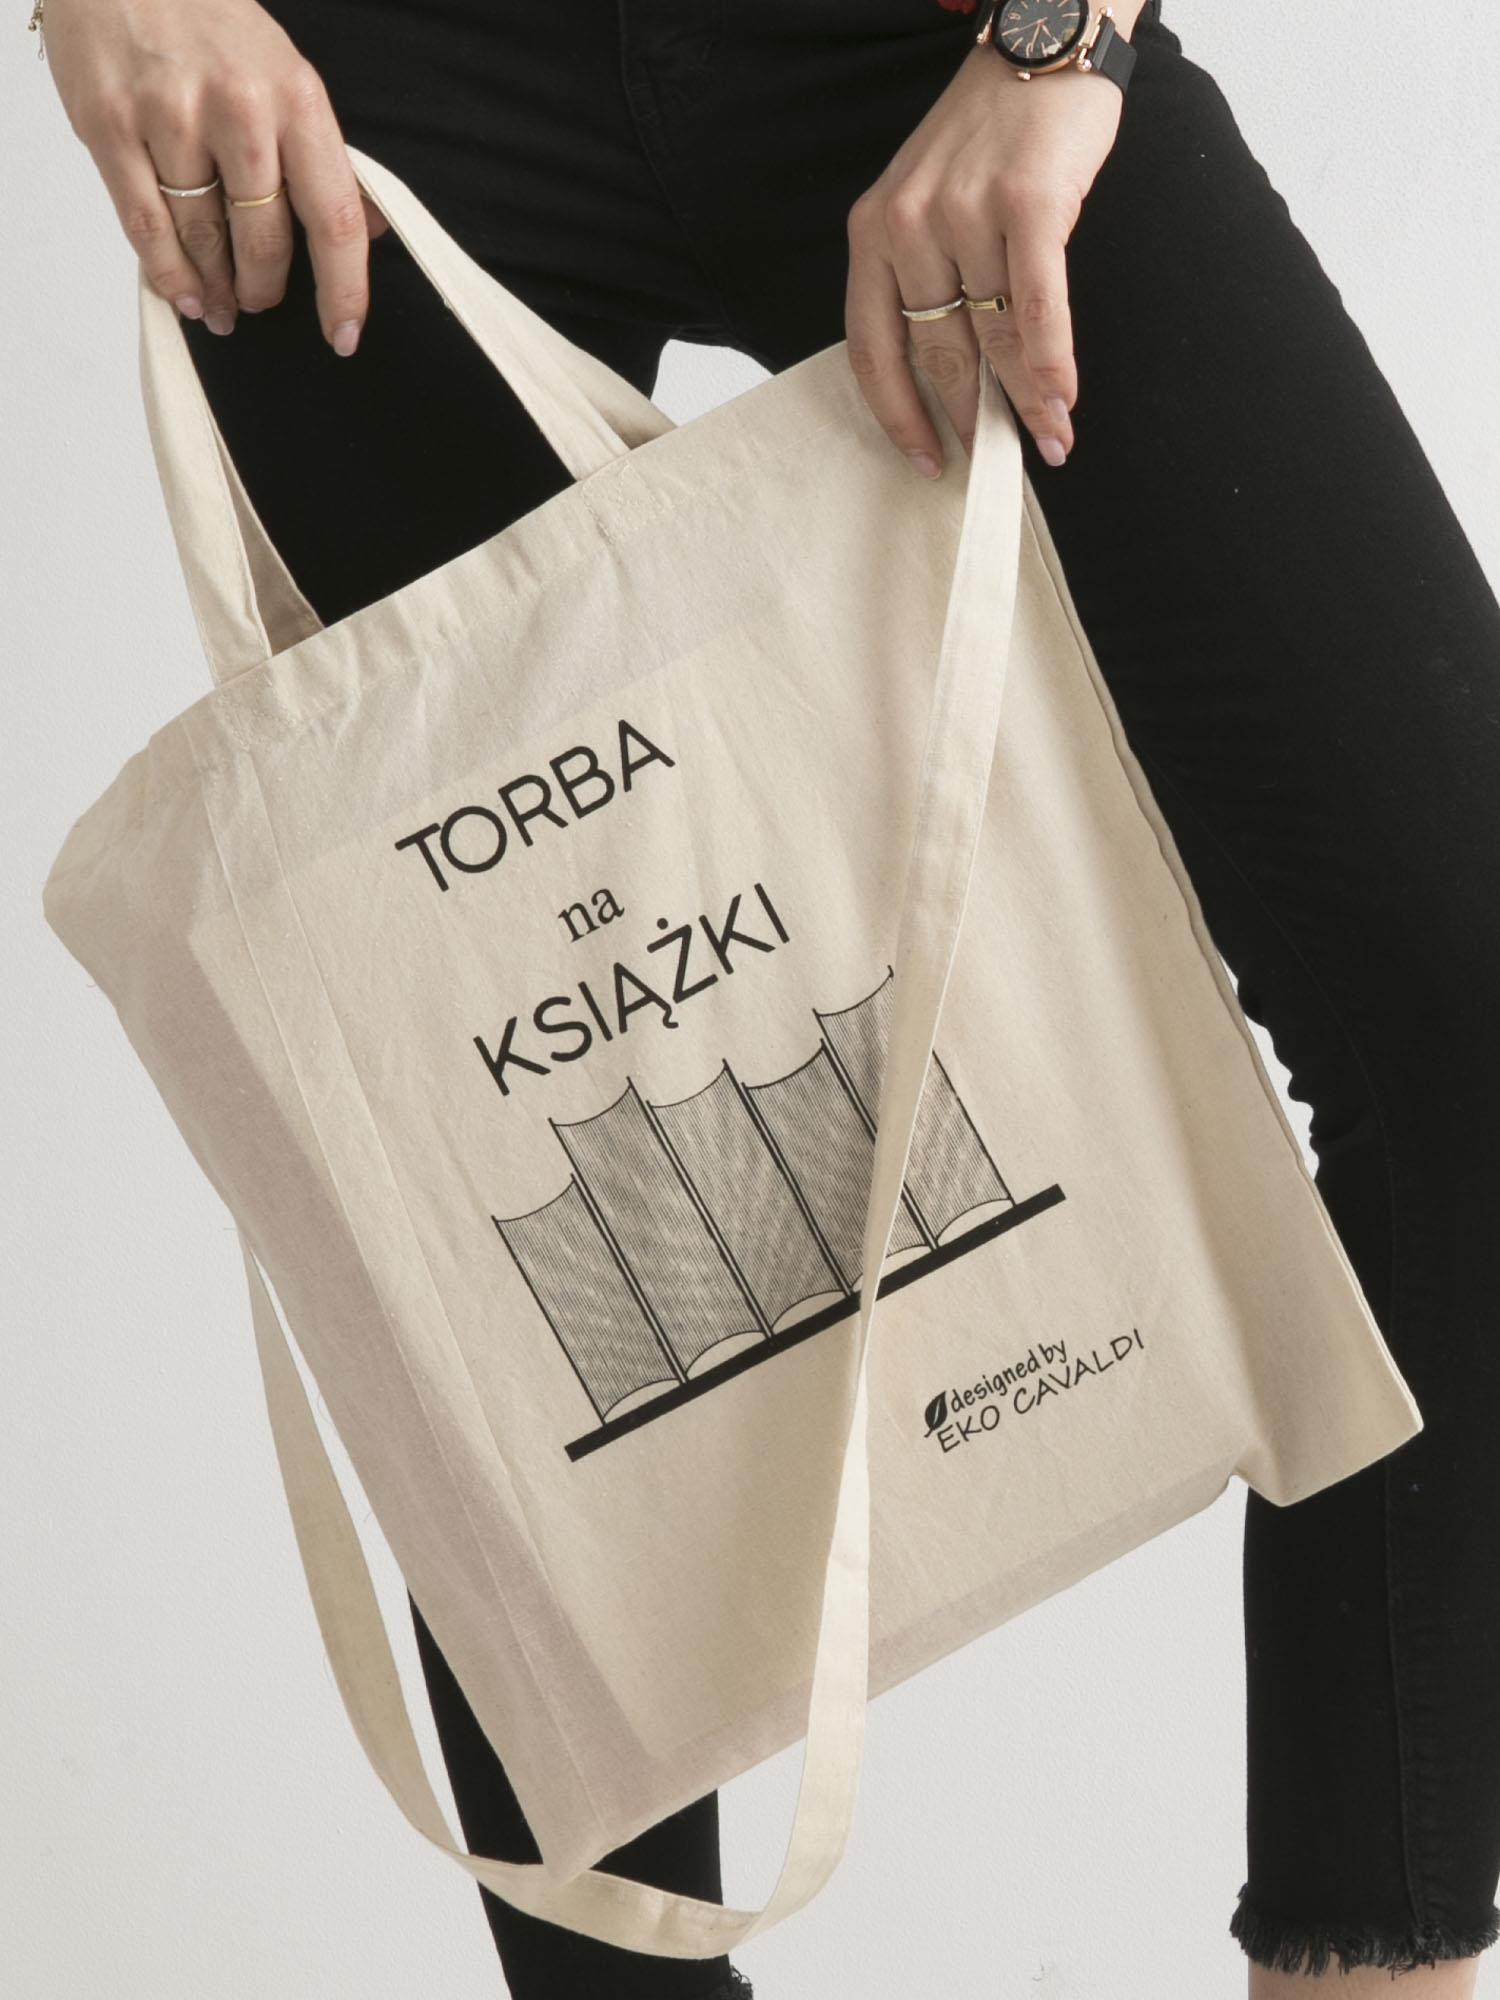 91244164f549c Beżowa torba bawełniana z nadrukiem TORBA NA KSIĄŻKI - Akcesoria torba -  sklep eButik.pl